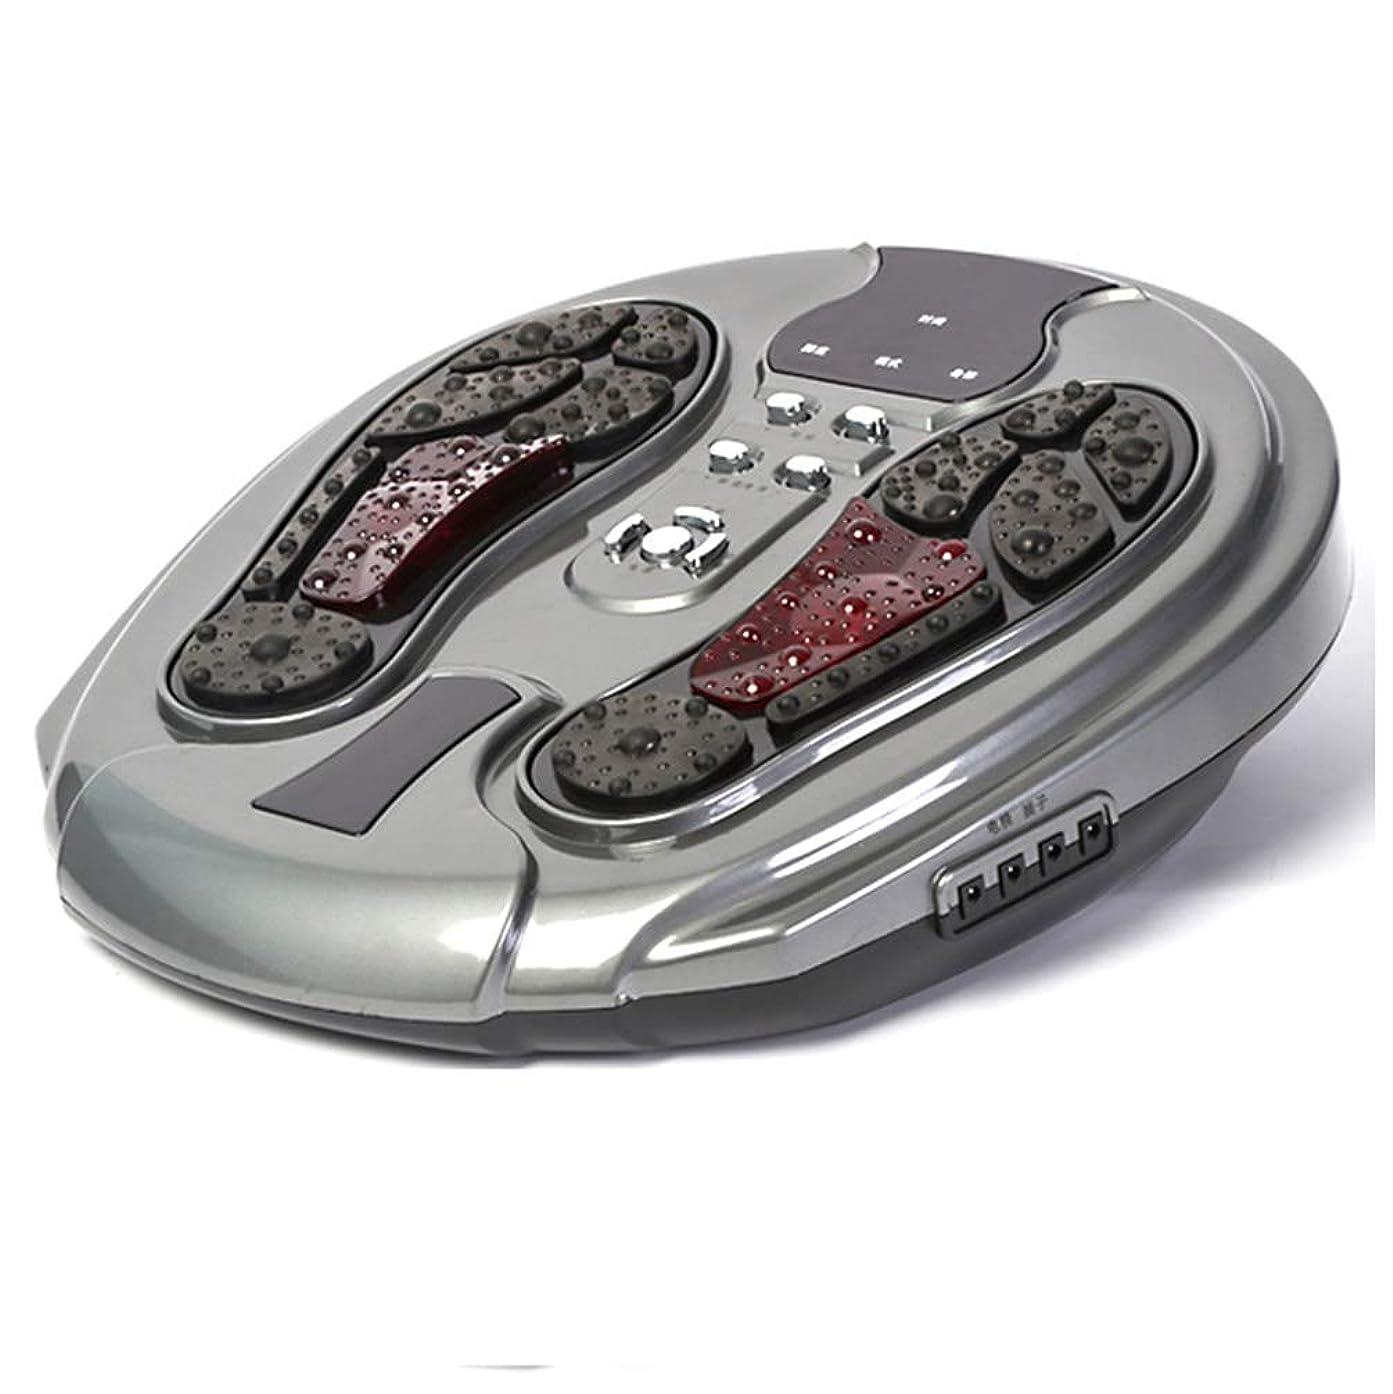 調整可能 足裏マッサージ機、空気圧縮、足指マッサージおよび家庭でのストレス解消のための熱を伴う電気指圧足裏マッサージ リラックス, gray